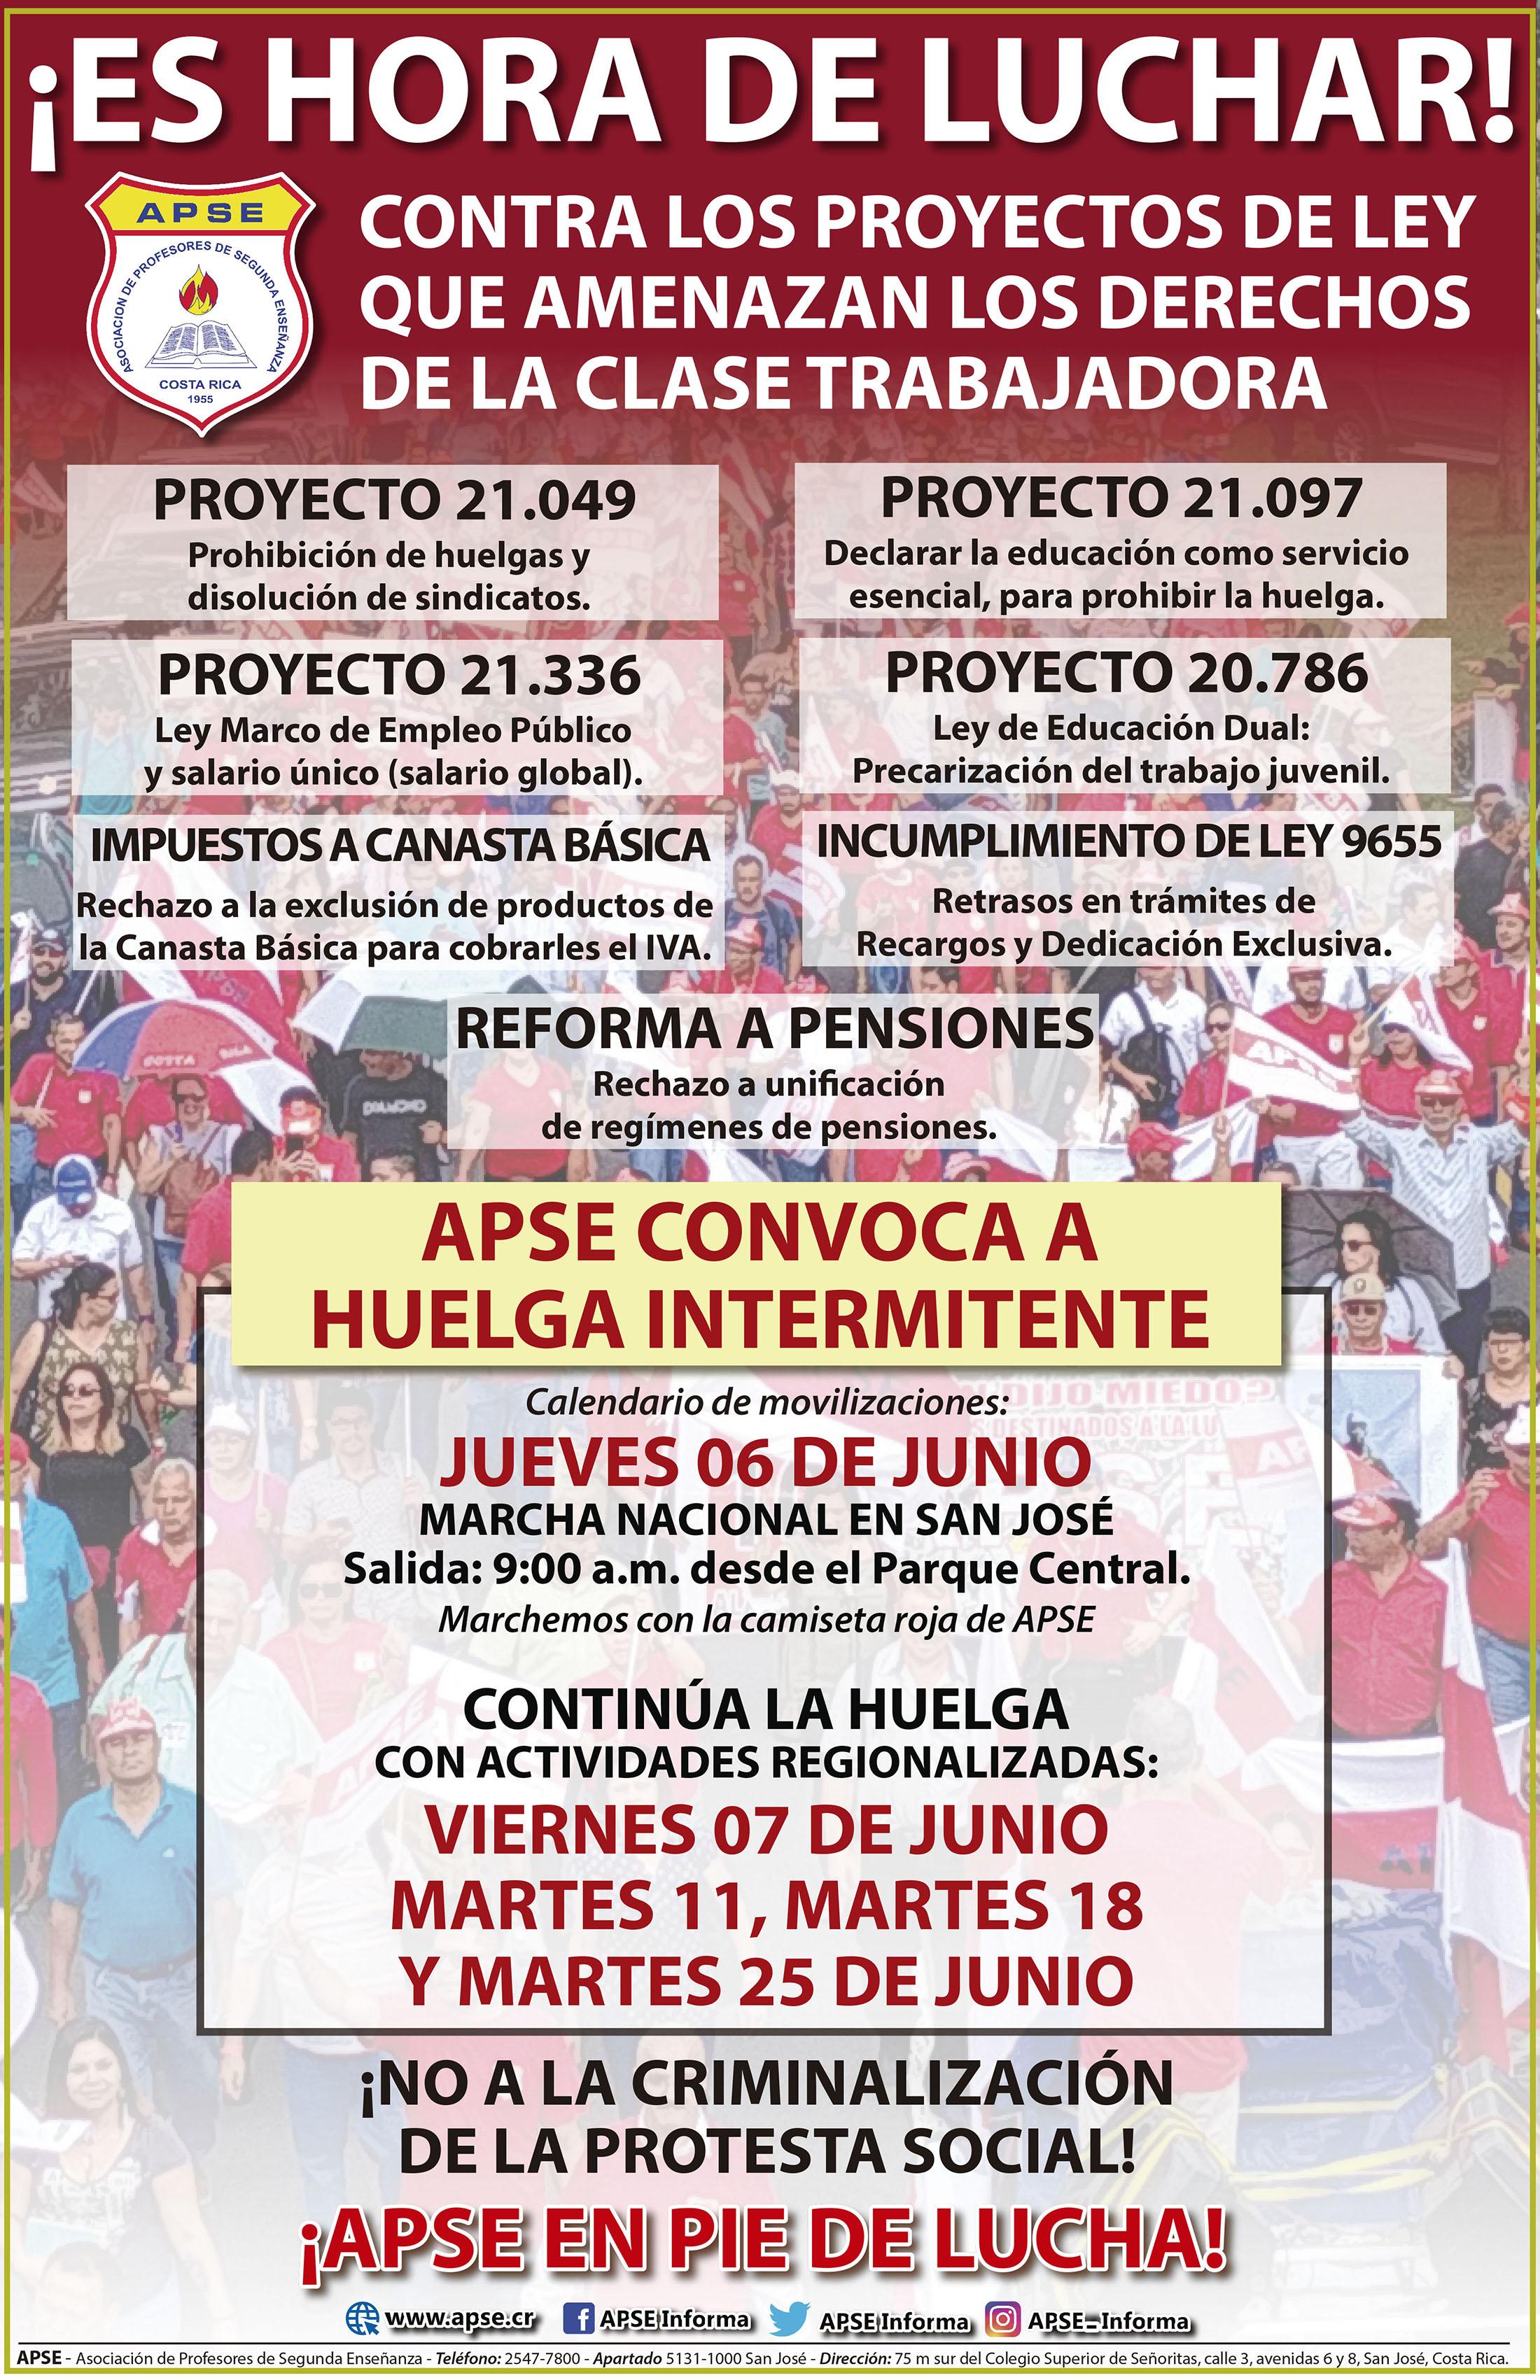 CONSEJO NACIONAL DE APSE DEFINE ESTRATEGIA DE HUELGA CONTRA PROYECTOS QUE AFECTAN A LA CLASE TRABAJADORA